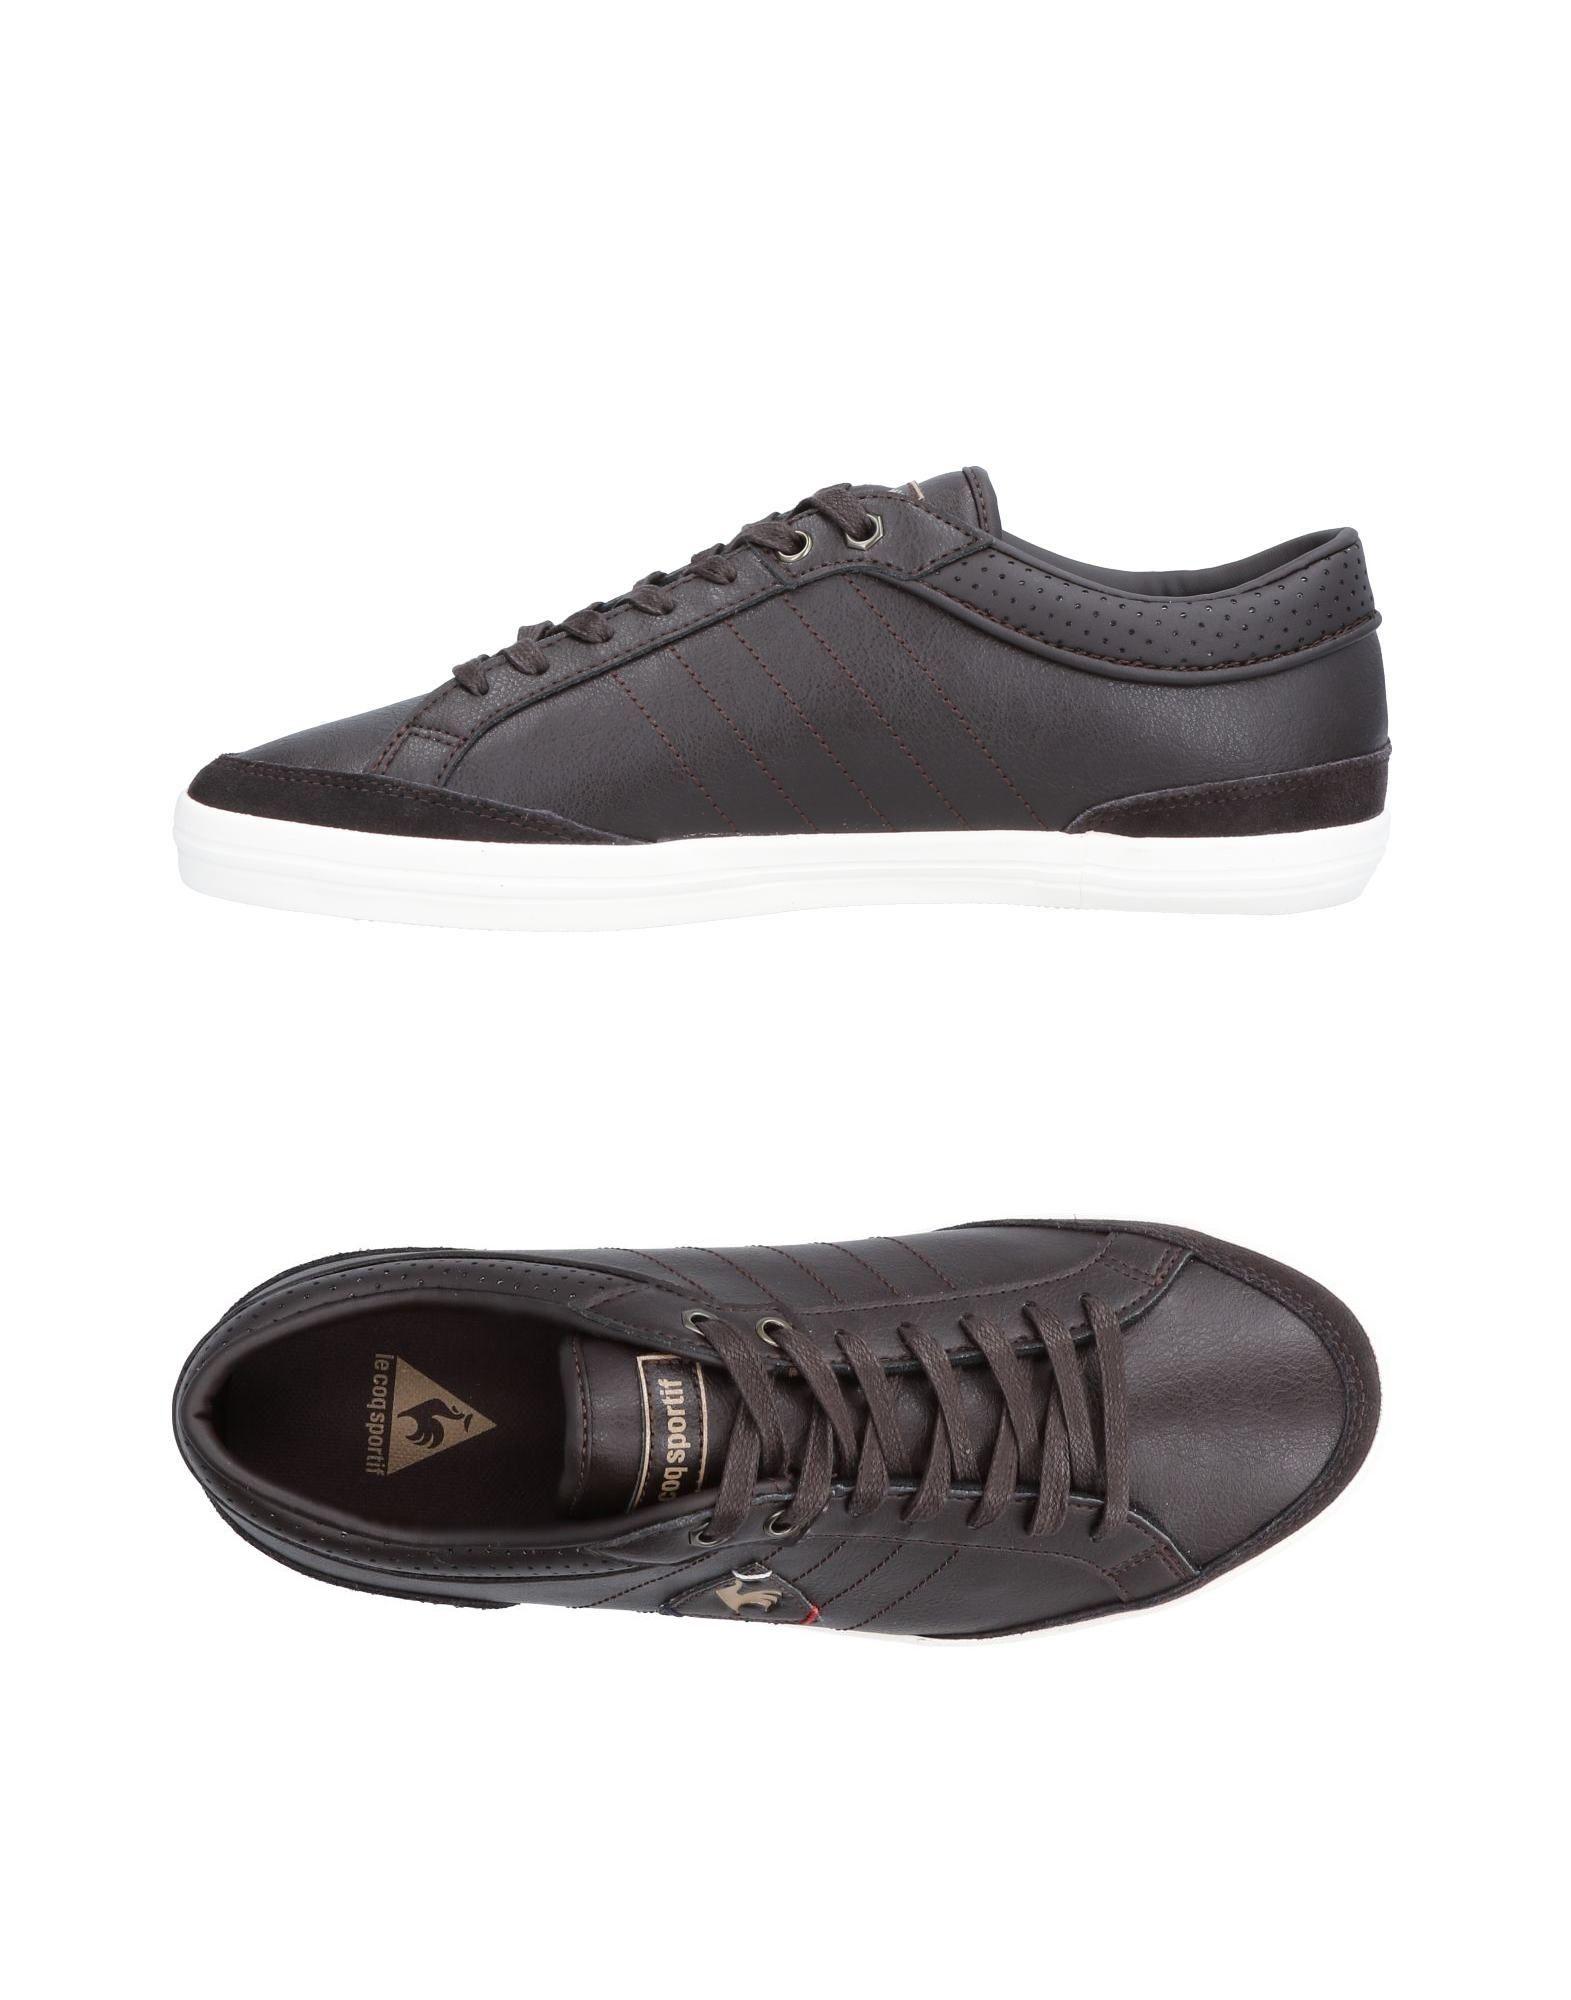 Sneakers Le Coq Sportif Homme - Sneakers Le Coq Sportif  Moka Nouvelles chaussures pour hommes et femmes, remise limitée dans le temps